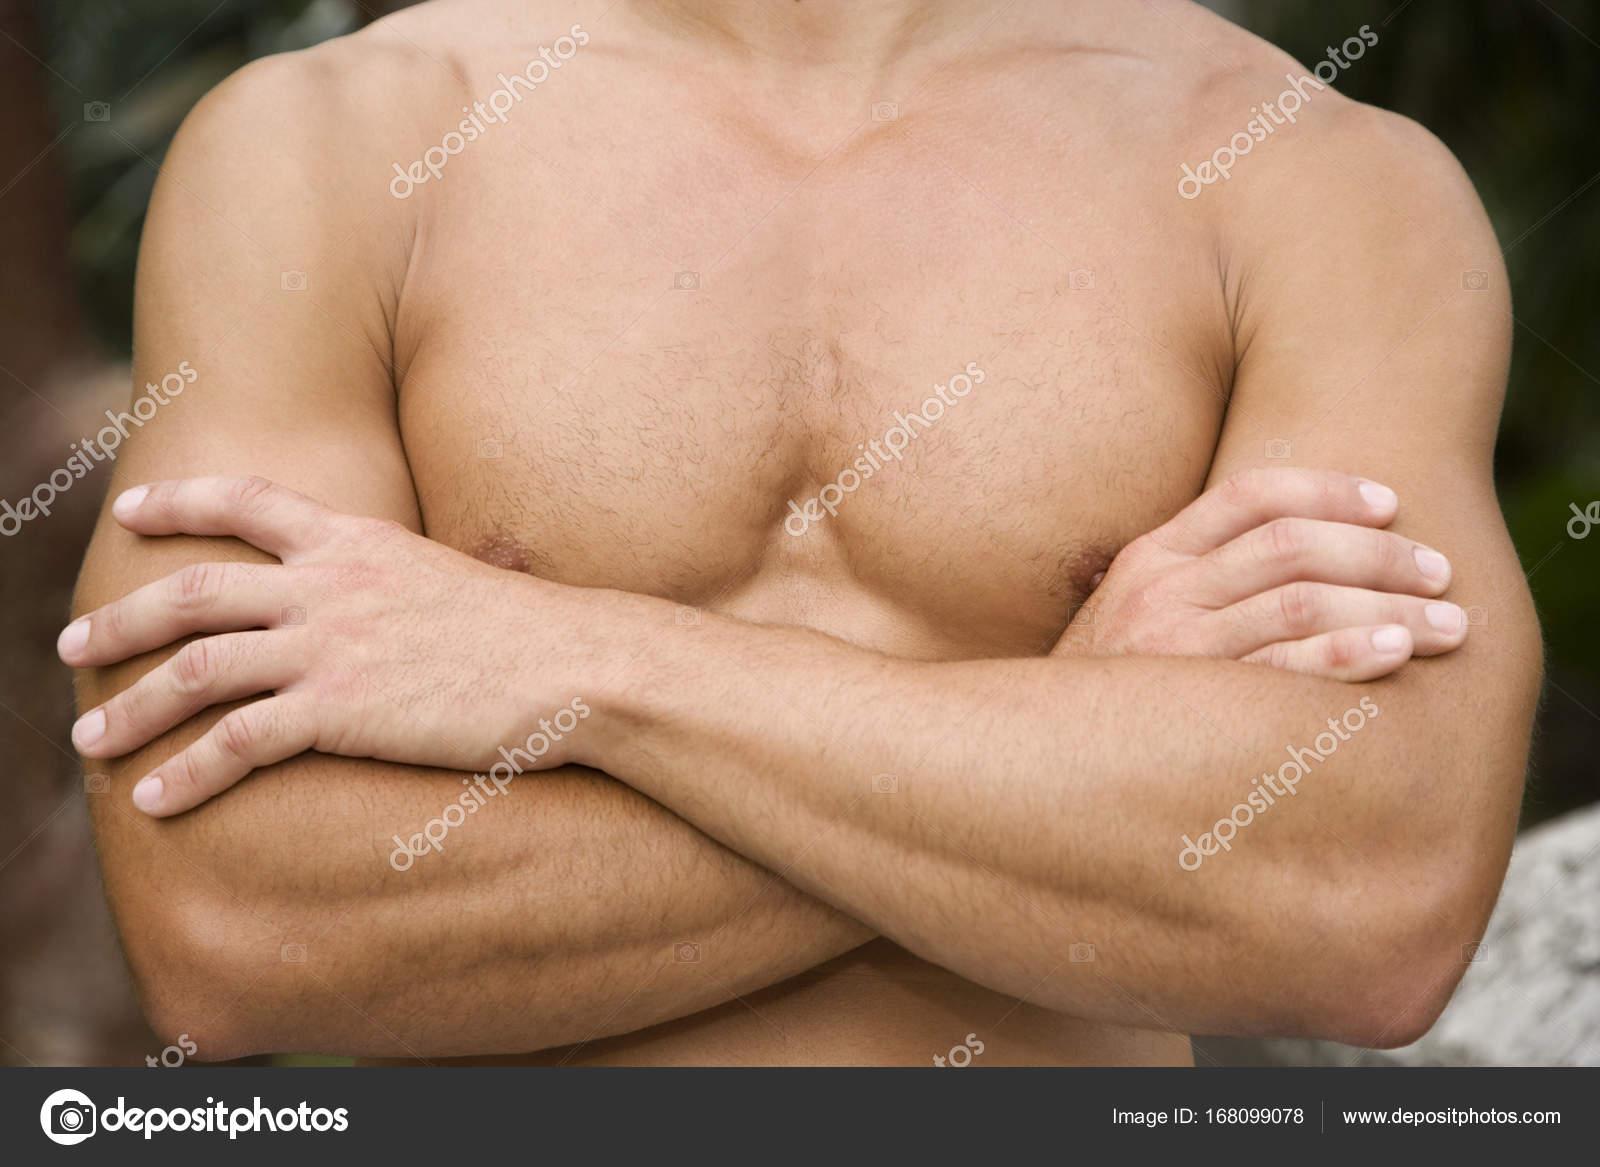 Cerrar Tiro Pecho Brazos Hombre Musculoso — Foto de stock ...